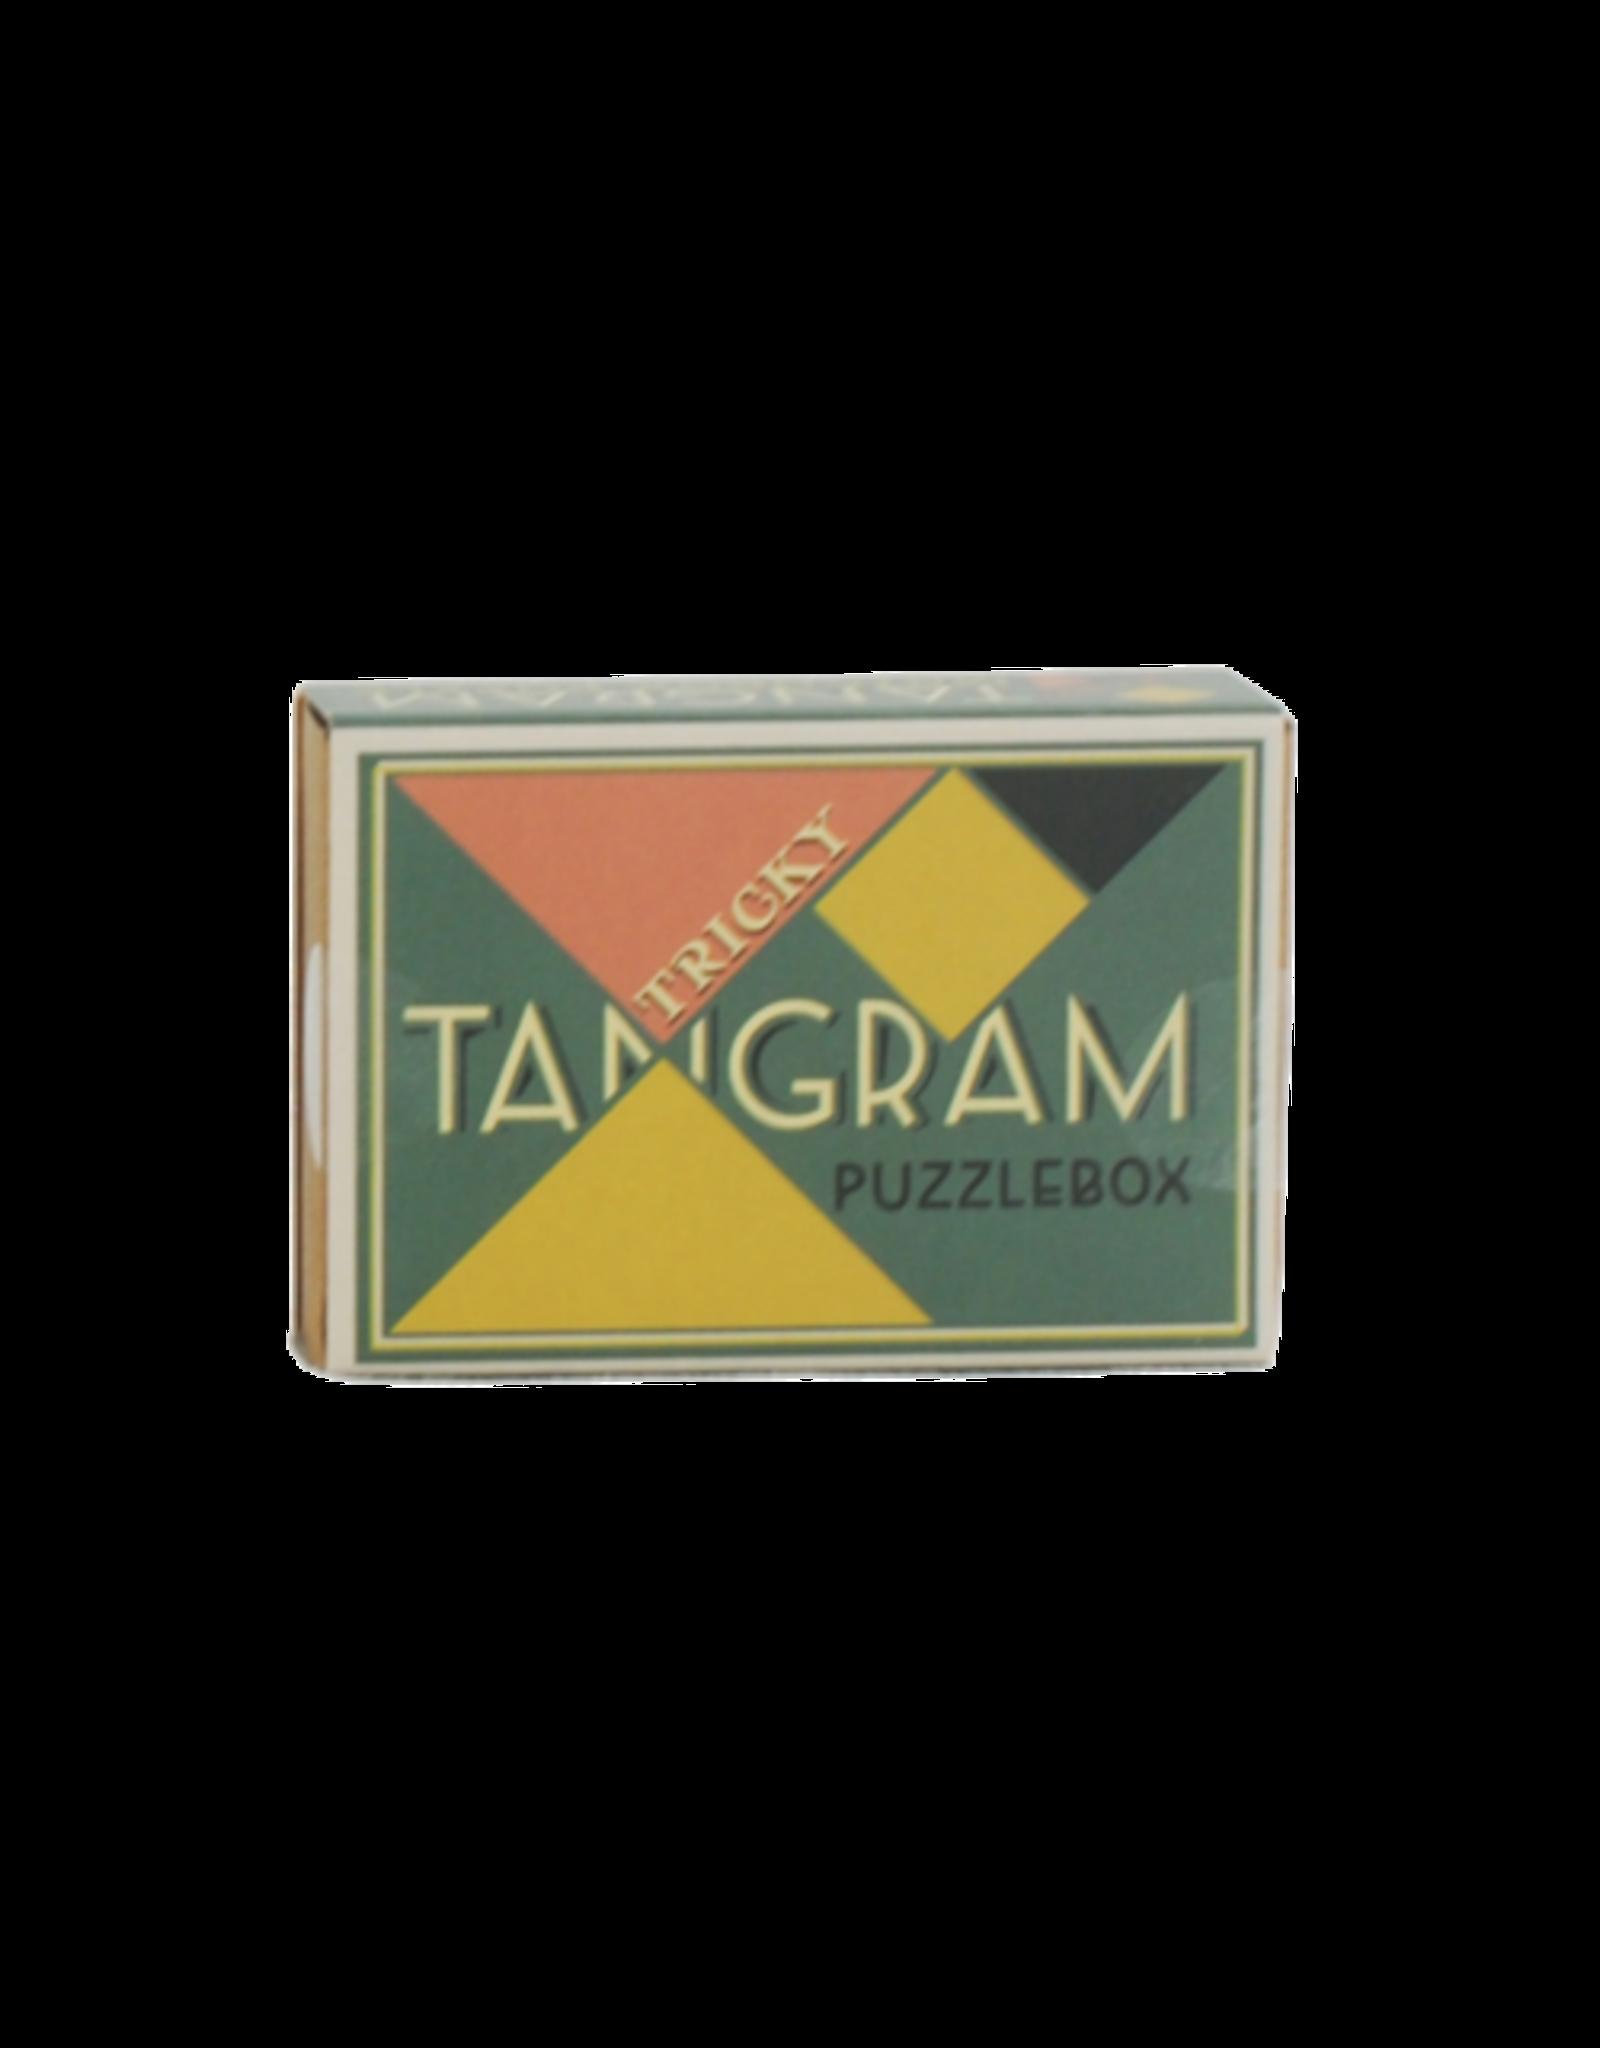 Project Genius Original Puzzlebox - Tangram